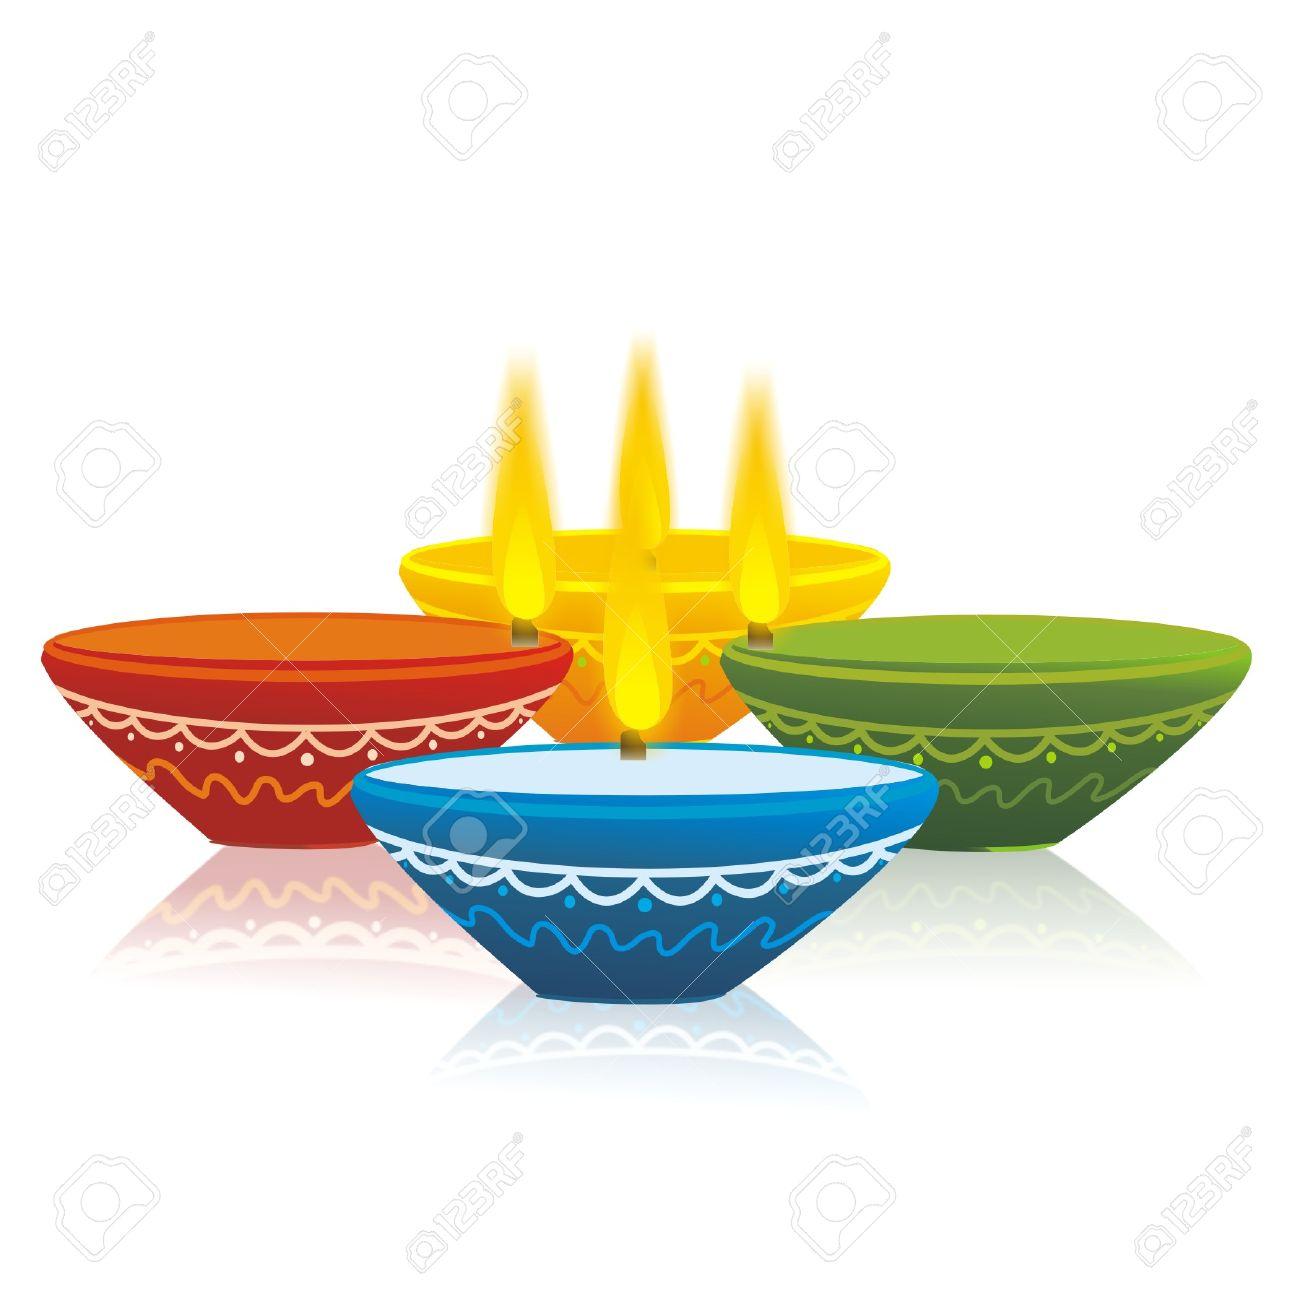 Colorful Diwali Lamps.